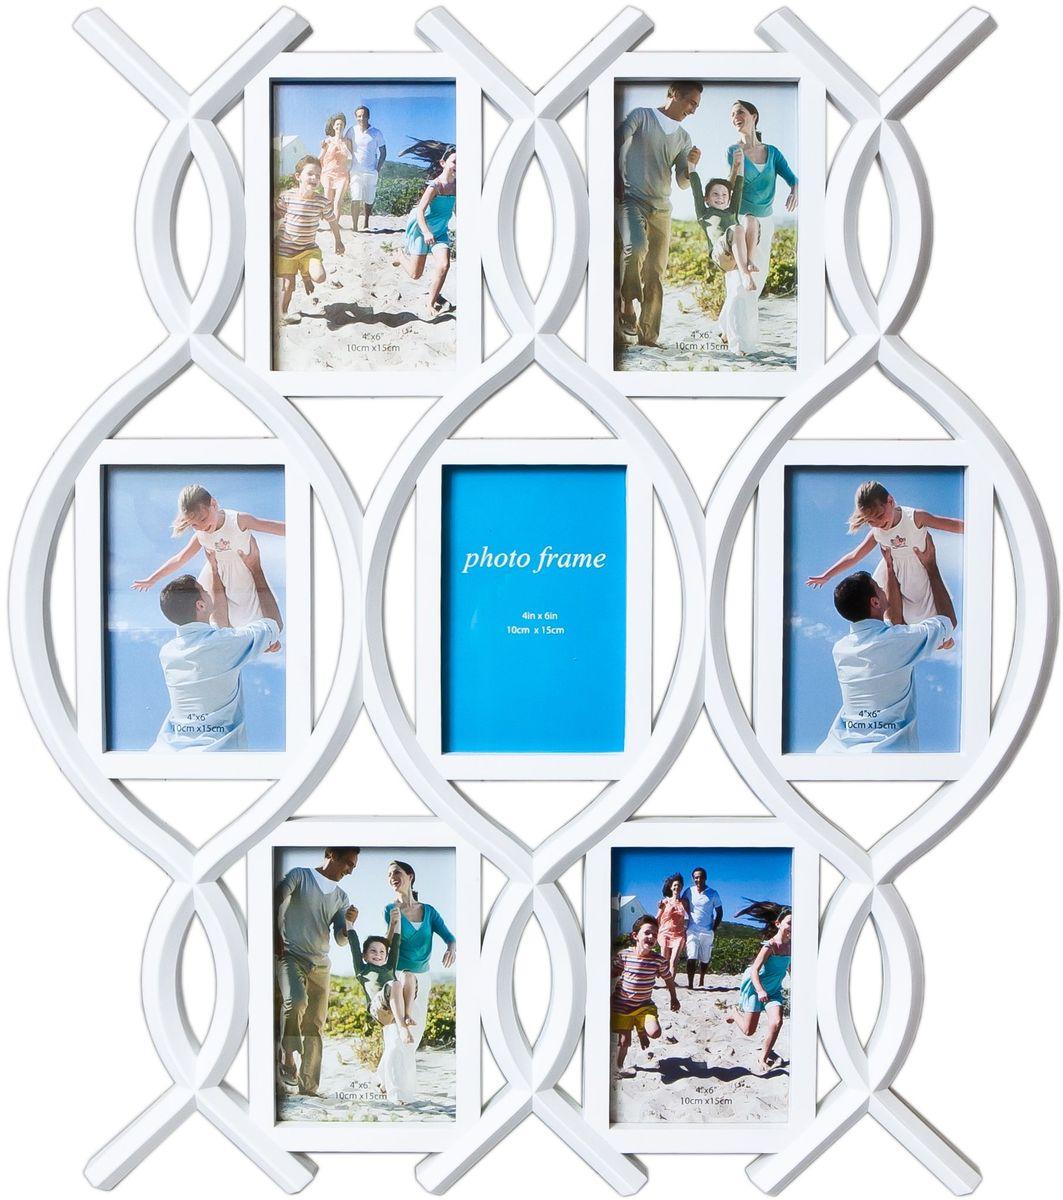 Фоторамка Platinum, цвет: белый, на 7 фото 10 х 15 см. BH-1407Platinum JW98-3 ВЕНЕЦИЯ-БЕЛЫЙ 10x15Фоторамка Platinum - прекрасный способ красиво оформить ваши фотографии. Фоторамка выполнена из пластика и защищена стеклом. Фоторамка-коллаж представляет собой семь фоторамок для фото одного размера оригинально соединенных между собой. Такая фоторамка поможет сохранить в памяти самые яркие моменты вашей жизни, а стильный дизайн сделает ее прекрасным дополнением интерьера комнаты. Фоторамка подходит для фотографий 10 х 15 см.Общий размер фоторамки: 51 х 58 см.